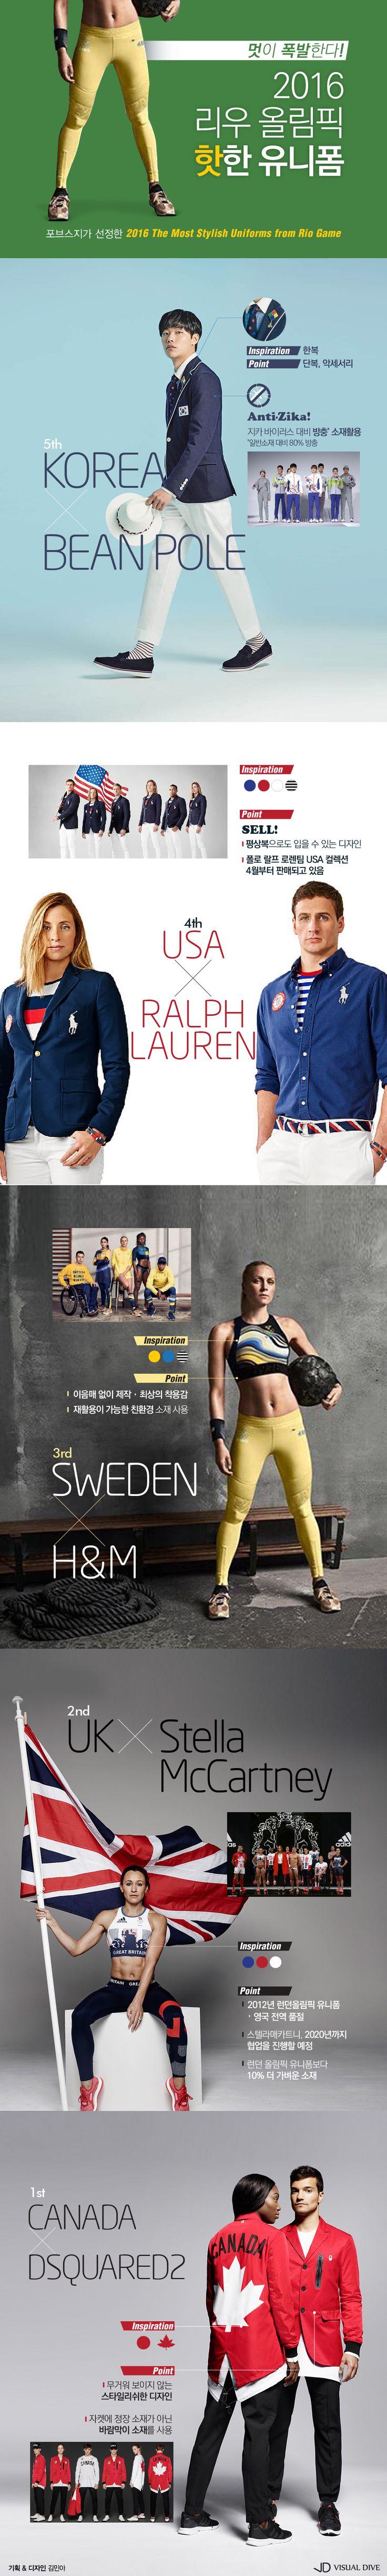 리우 올림픽을 즐기는 시크한 방법 [인포그래픽] #Uniform / #Infographic ⓒ 비주얼다이브 무단 복사·전재·재배포 금지